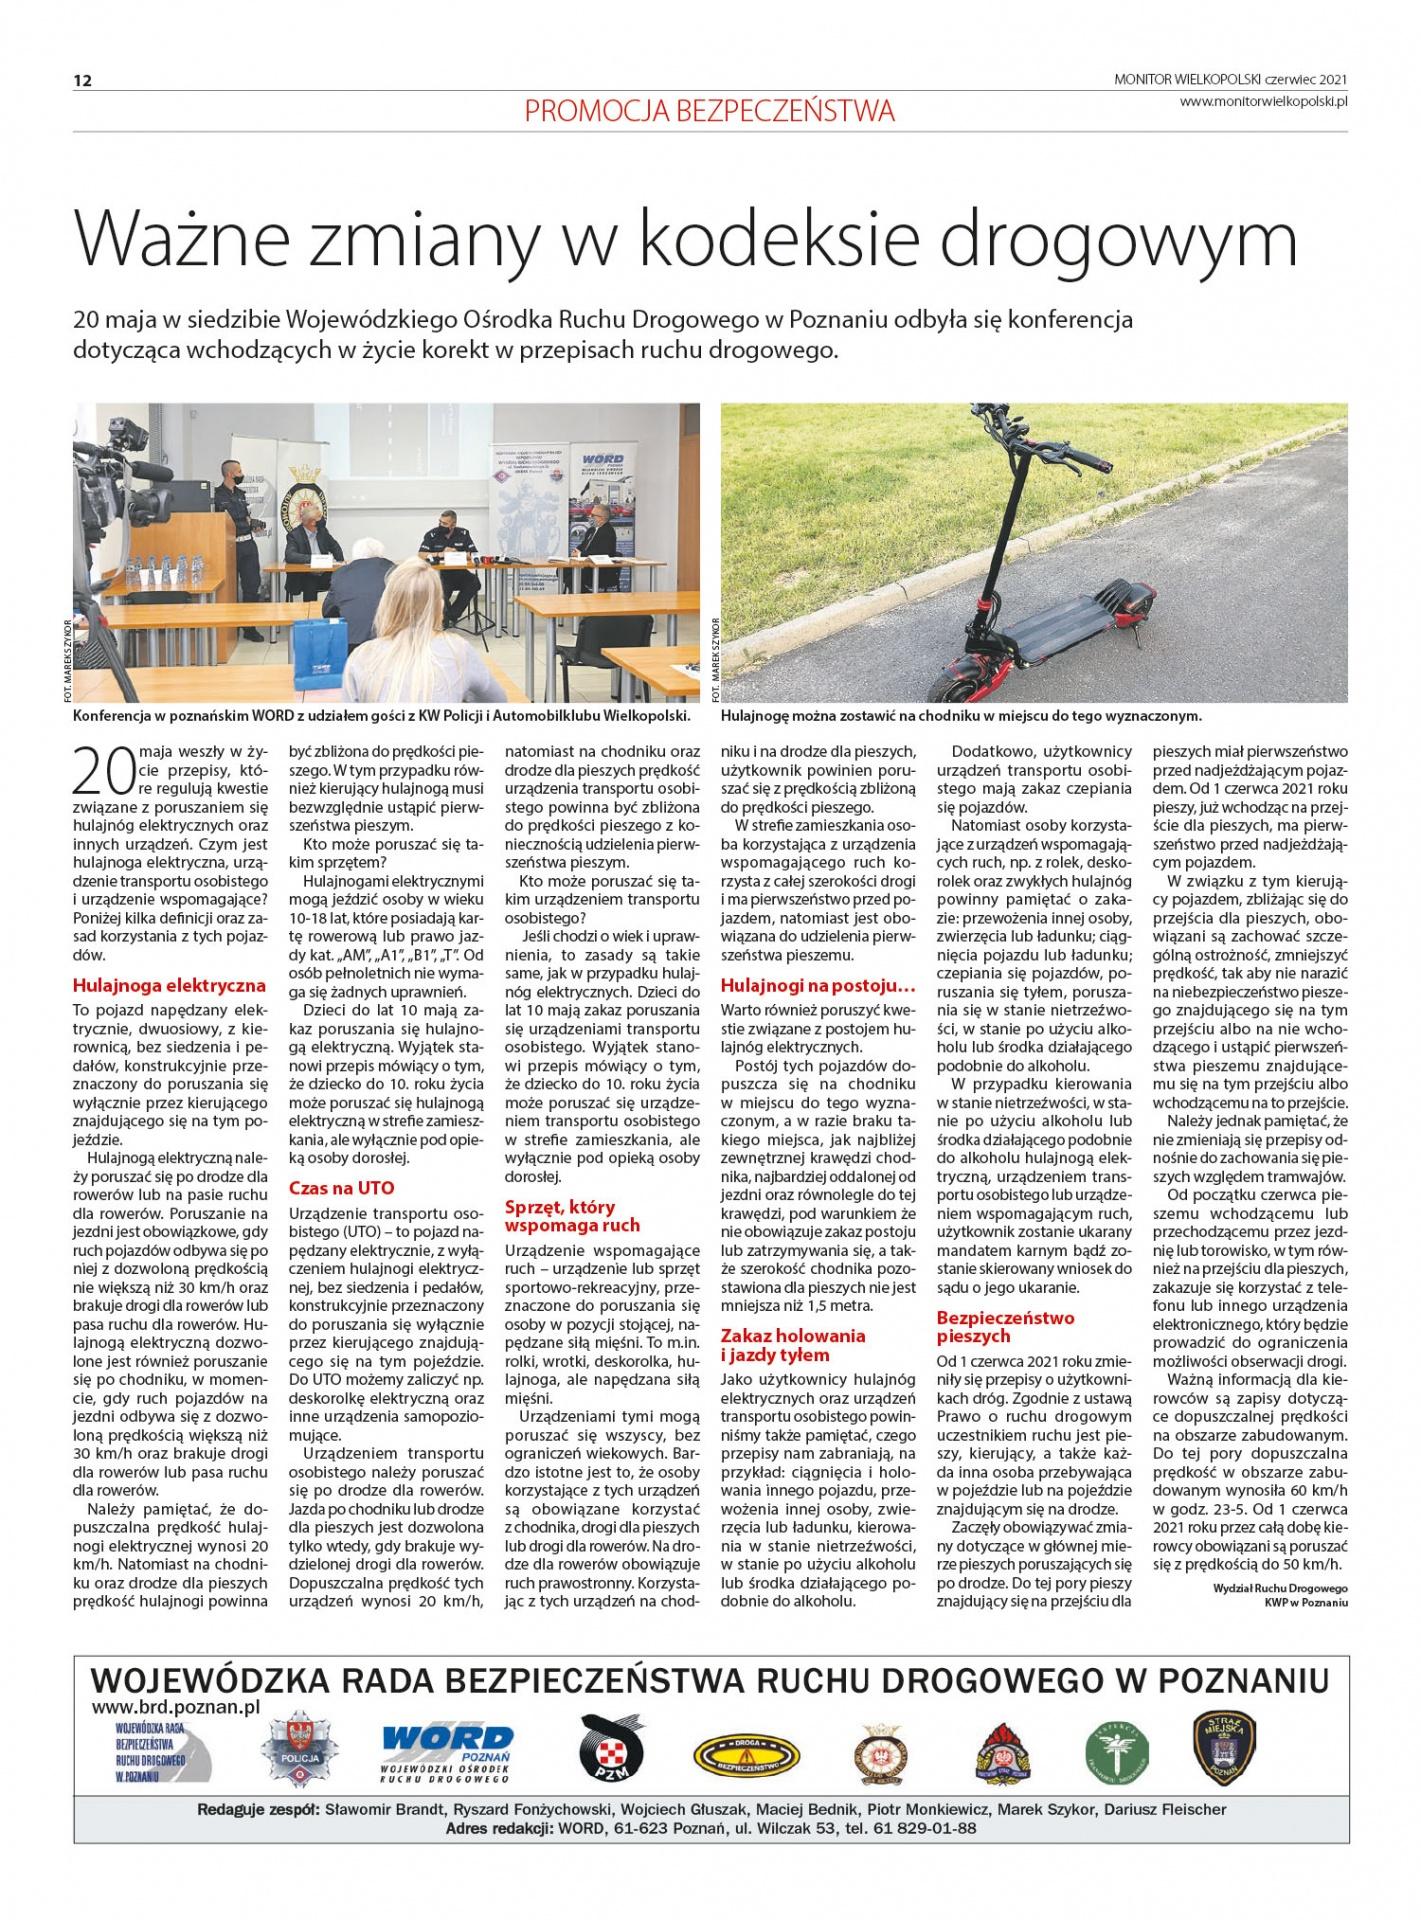 monitor-czerwiec-12.jpg